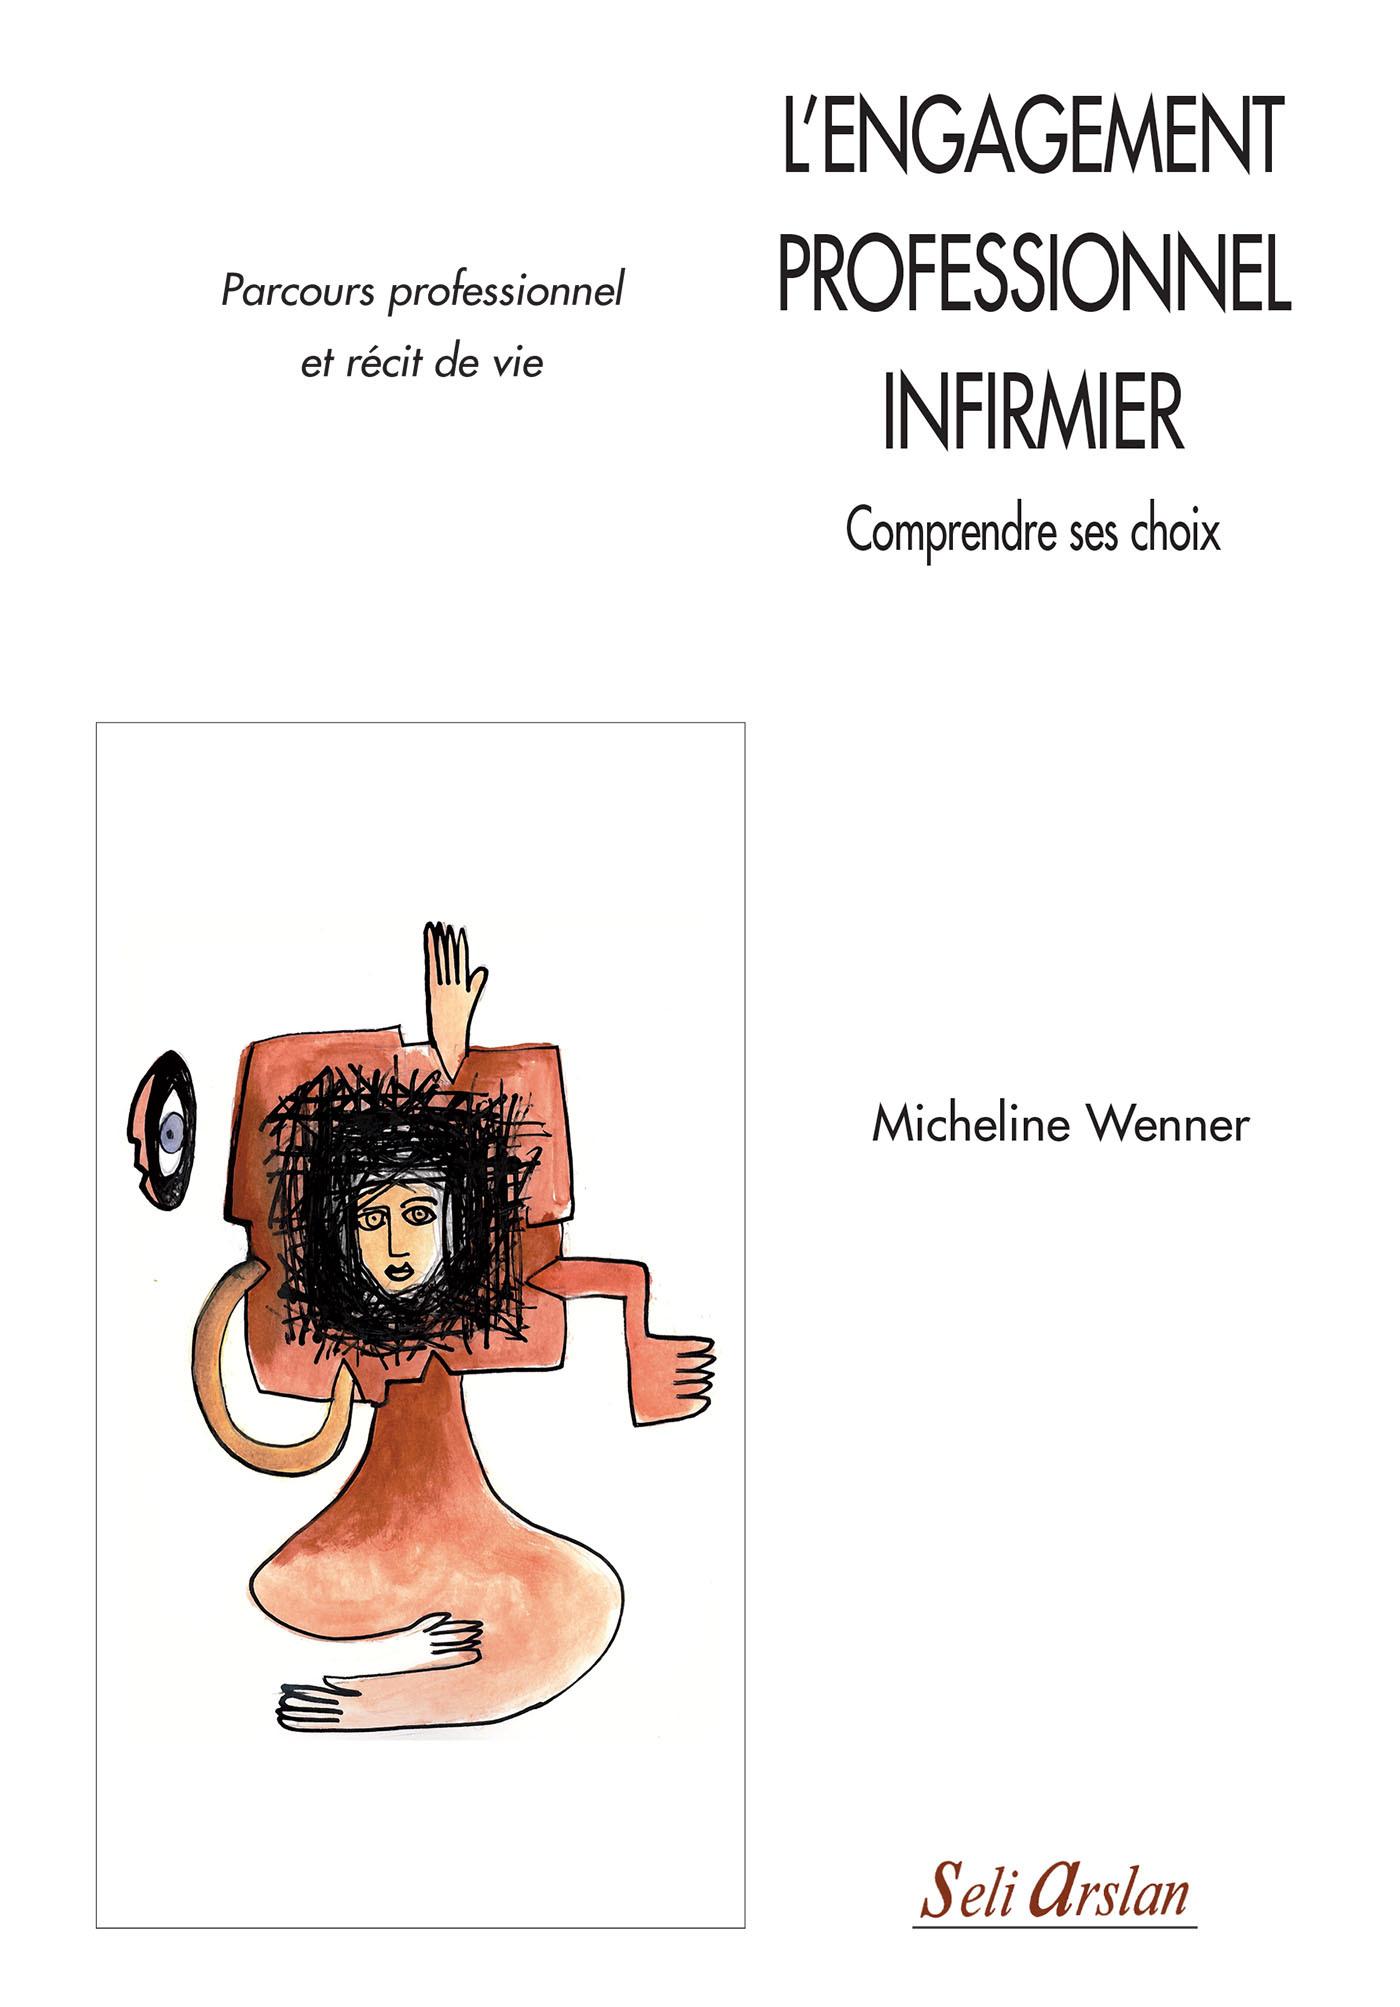 ENGAGEMENT PROFESSIONNEL INFIRMIER COMPRENDRE SES CHOIX (L')